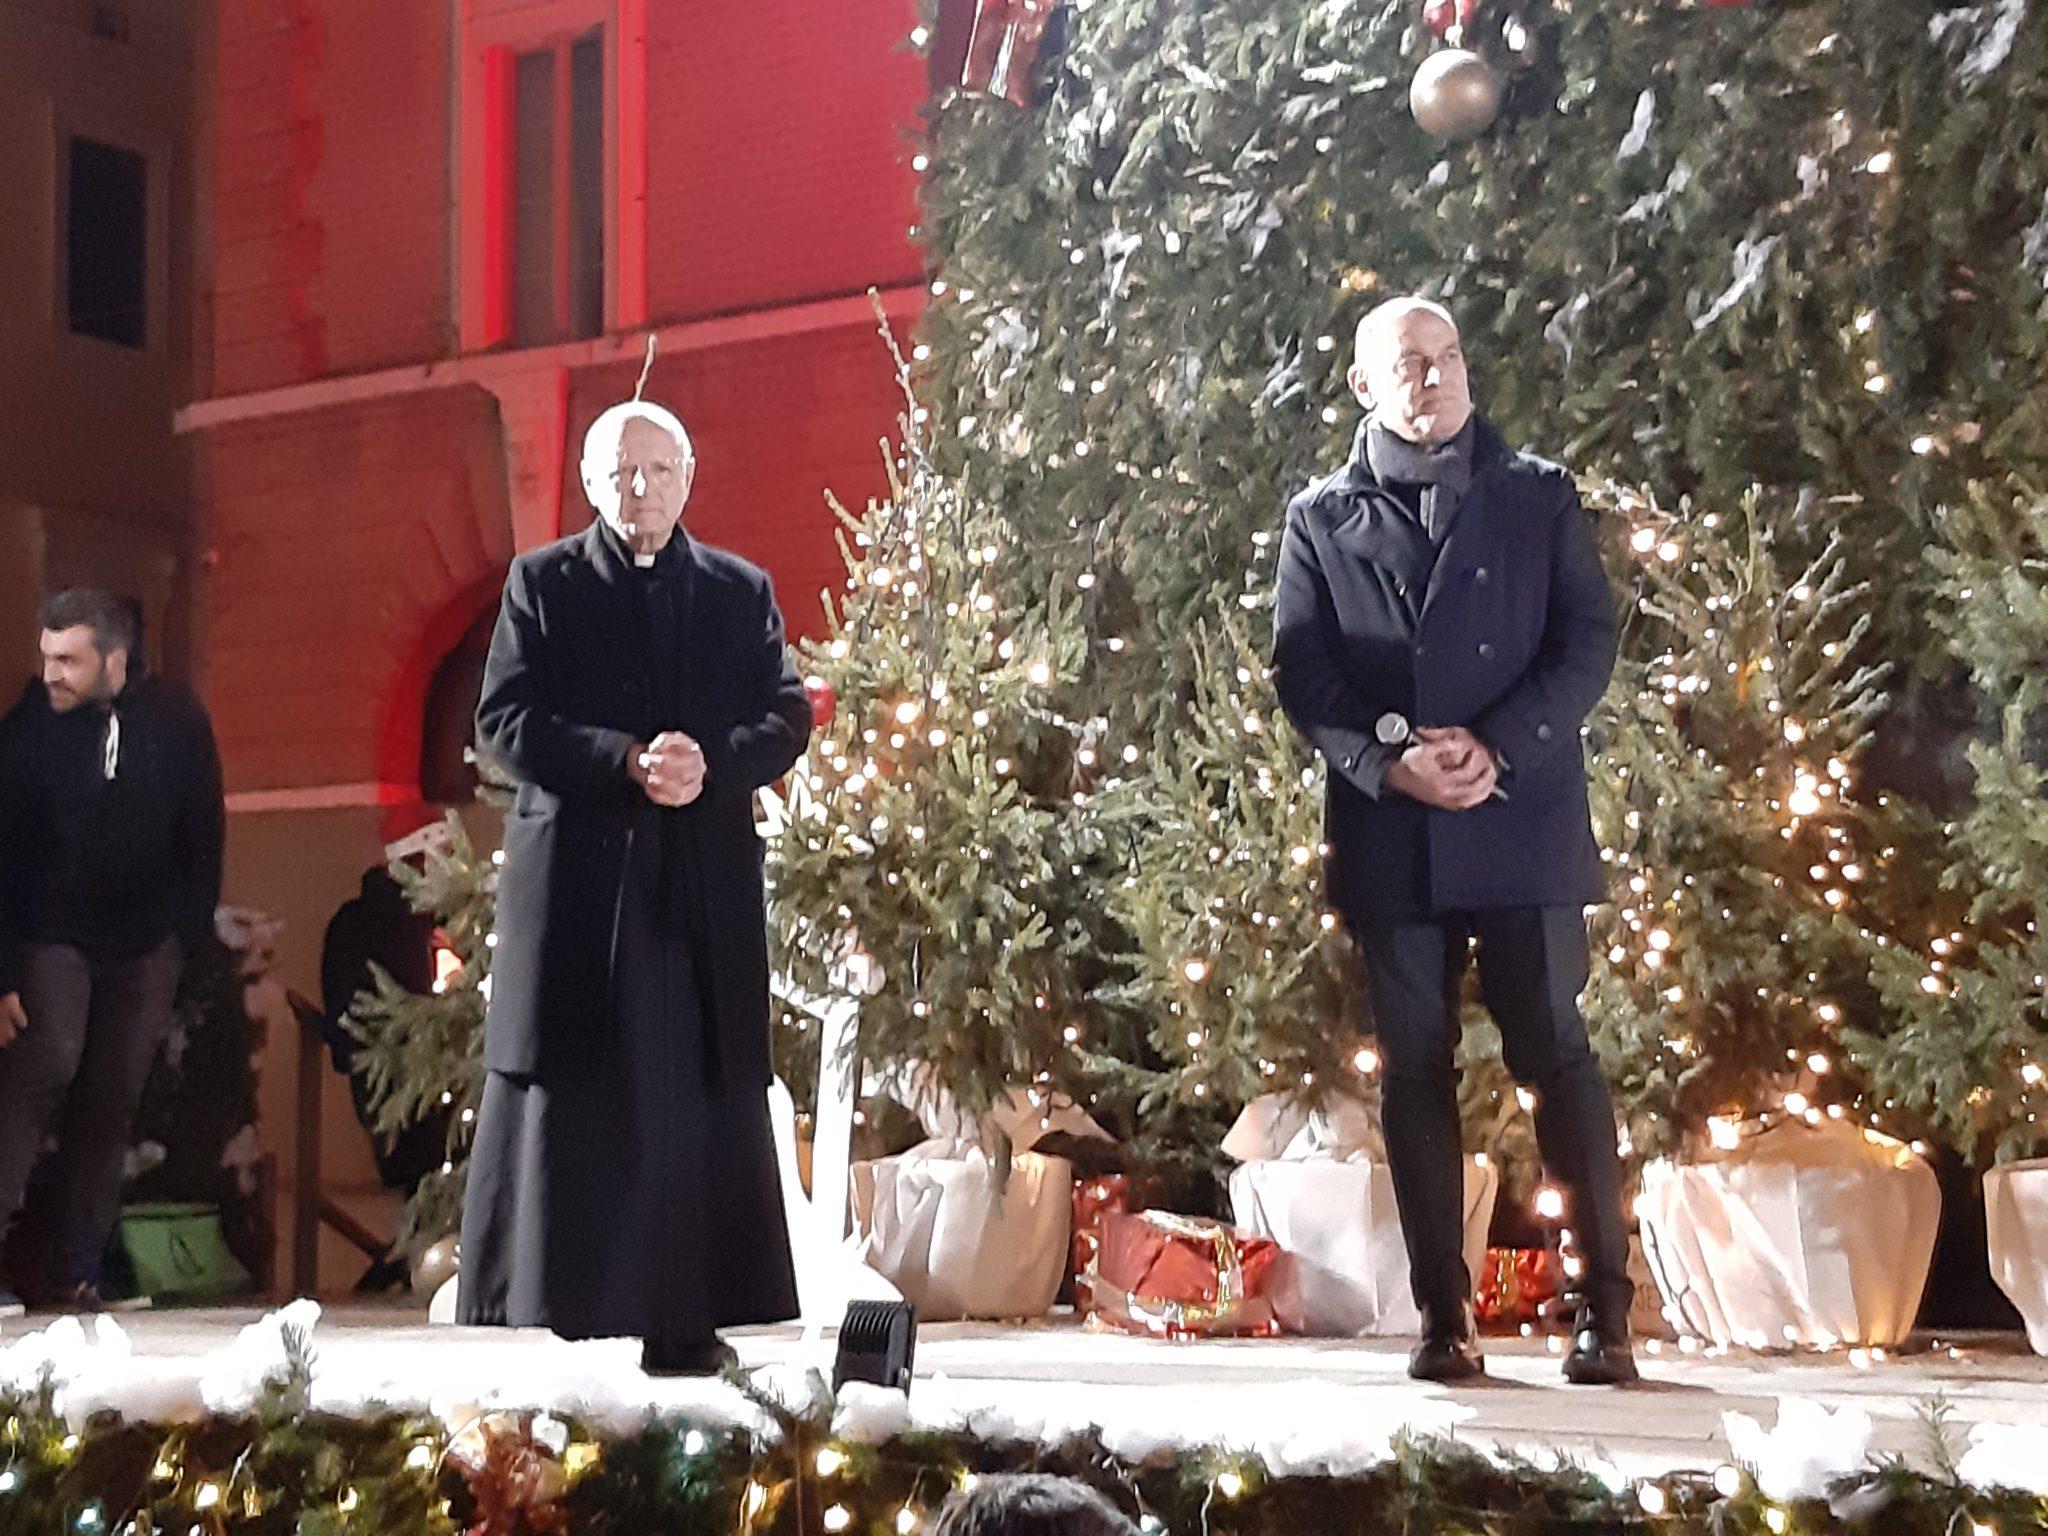 Auguri Di Buon Natale Al Vescovo.Jesi Benedetto Dal Vescovo Gerardo Il Presepe In Piazza